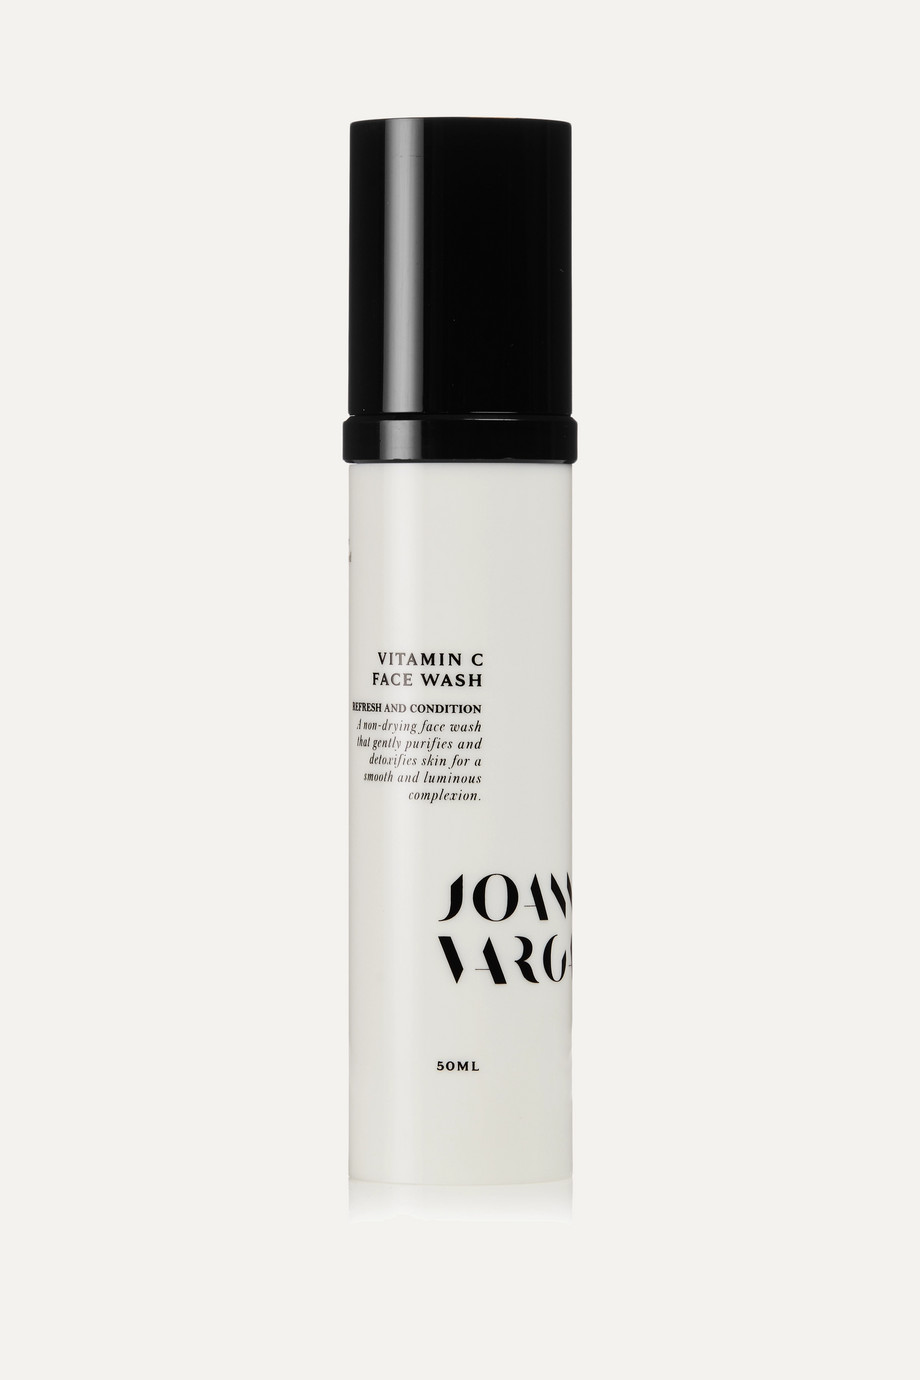 Joanna Vargas Vitamin C Face Wash, 50 ml – Gesichtsreinigung